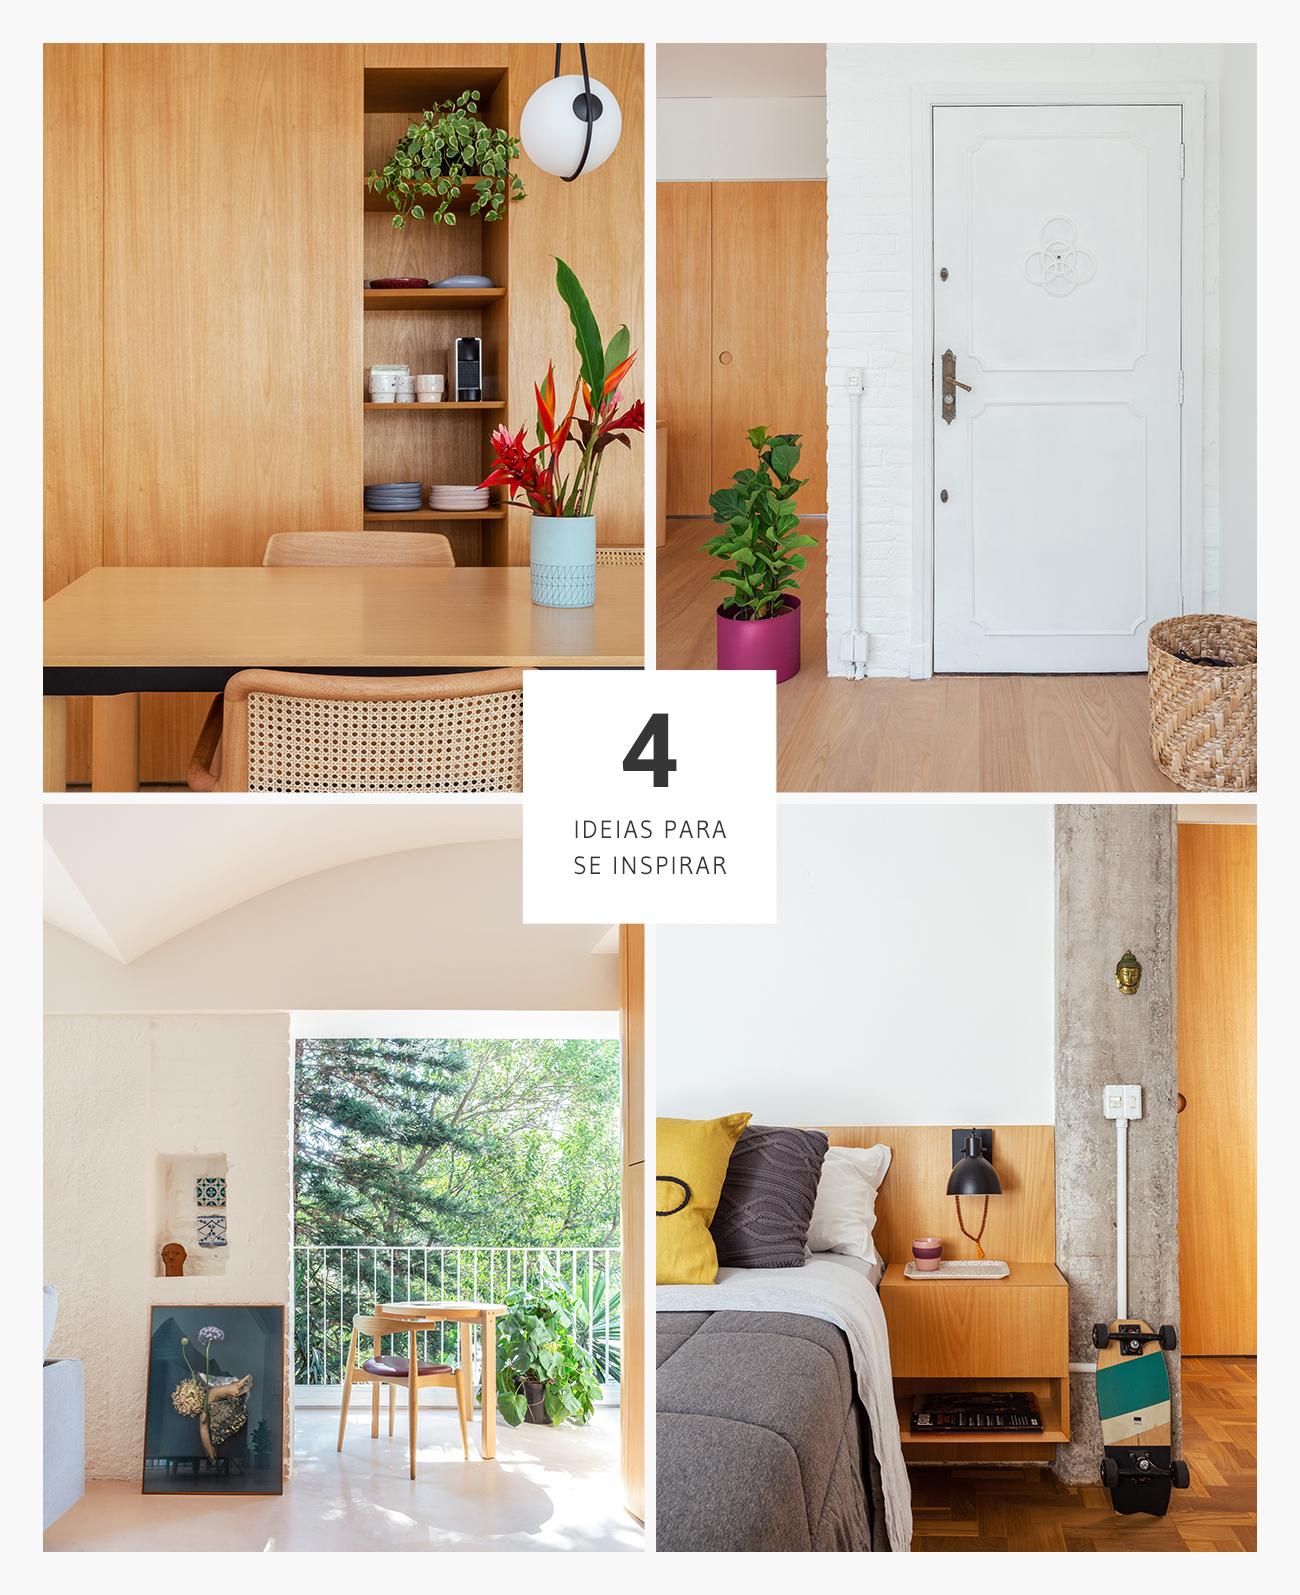 boas ideias de decoração em apartamento reformado